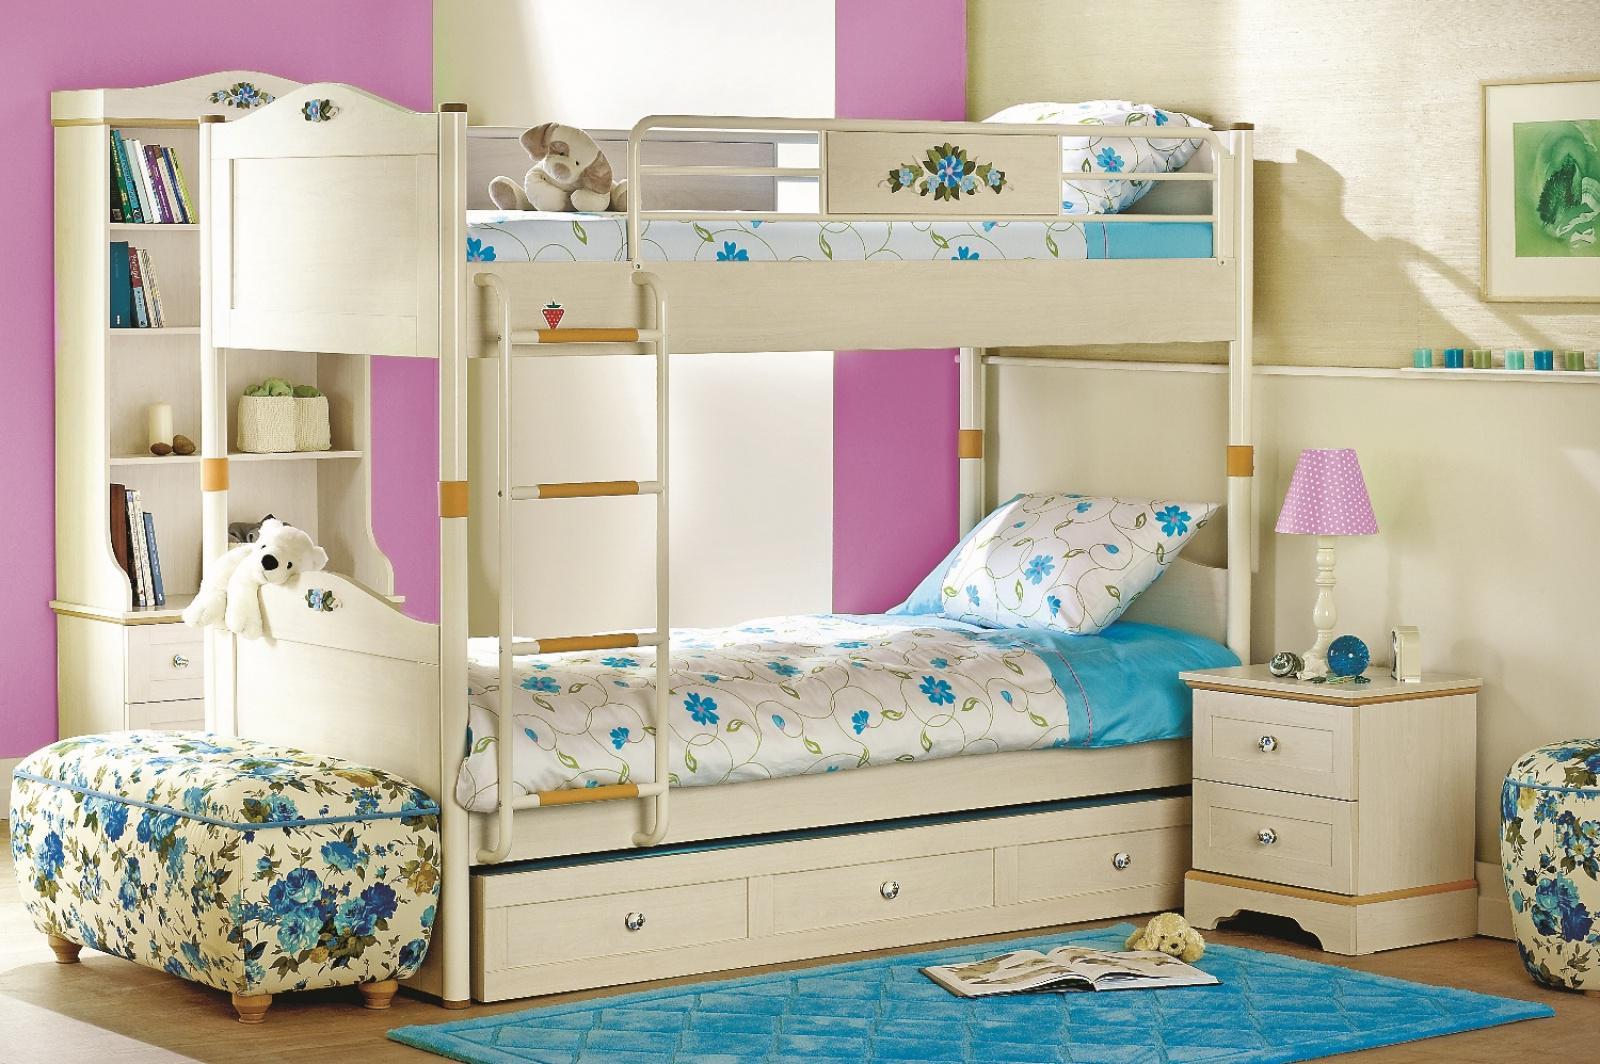 Etagenbett Für 3 : Cilek flora etagenbett set teilig mit gästebett kaufen bei